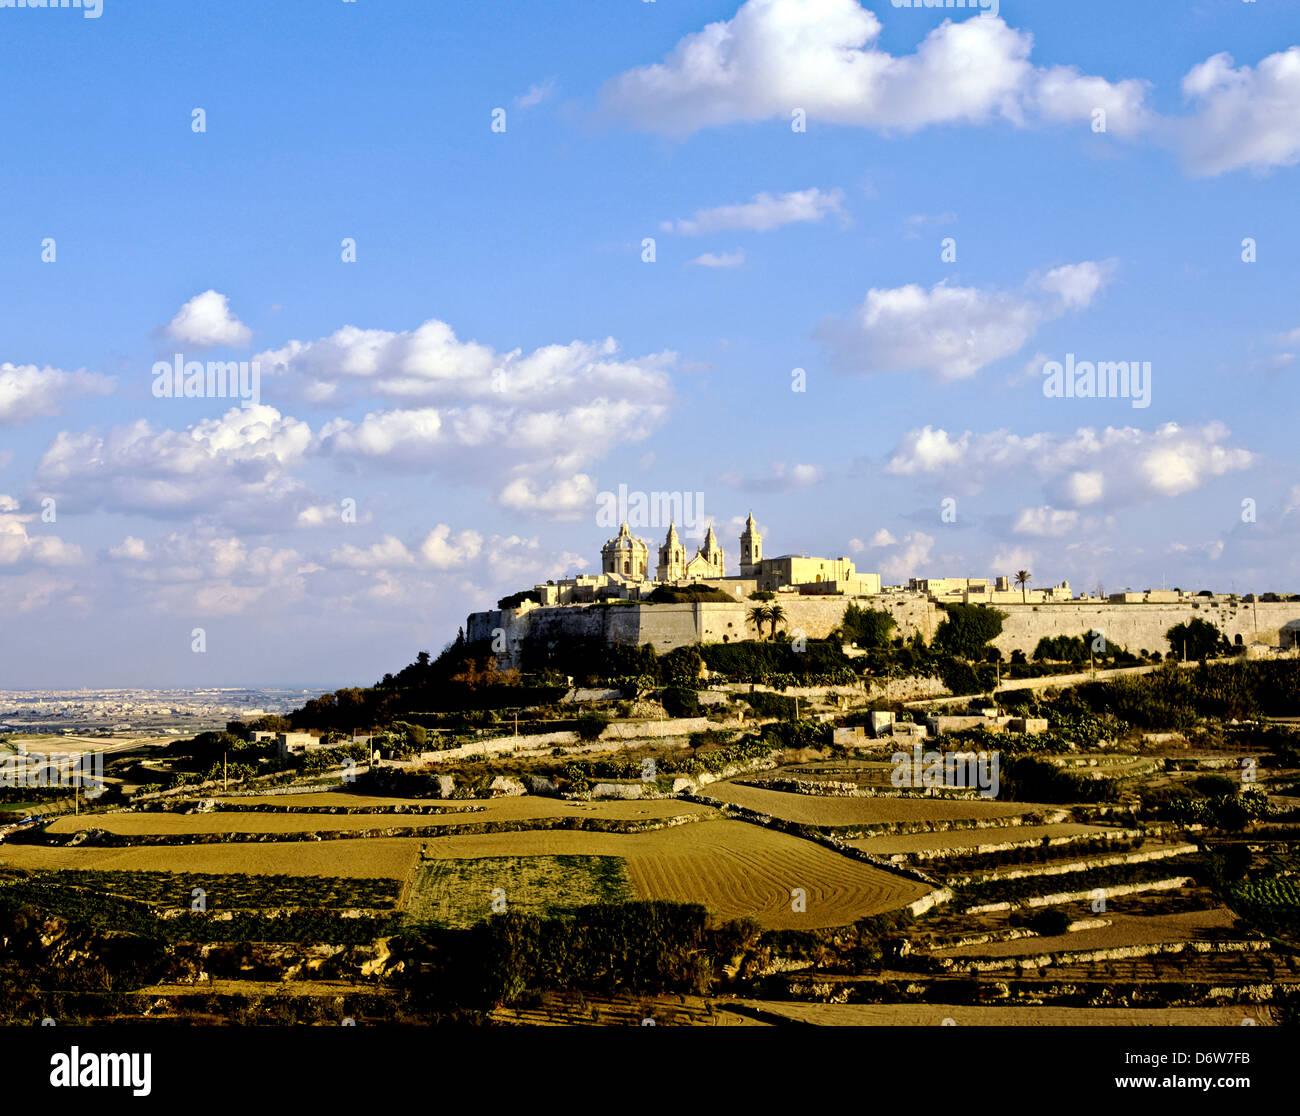 8453. Mdina (la città silenziosa), Malta, Europa Immagini Stock